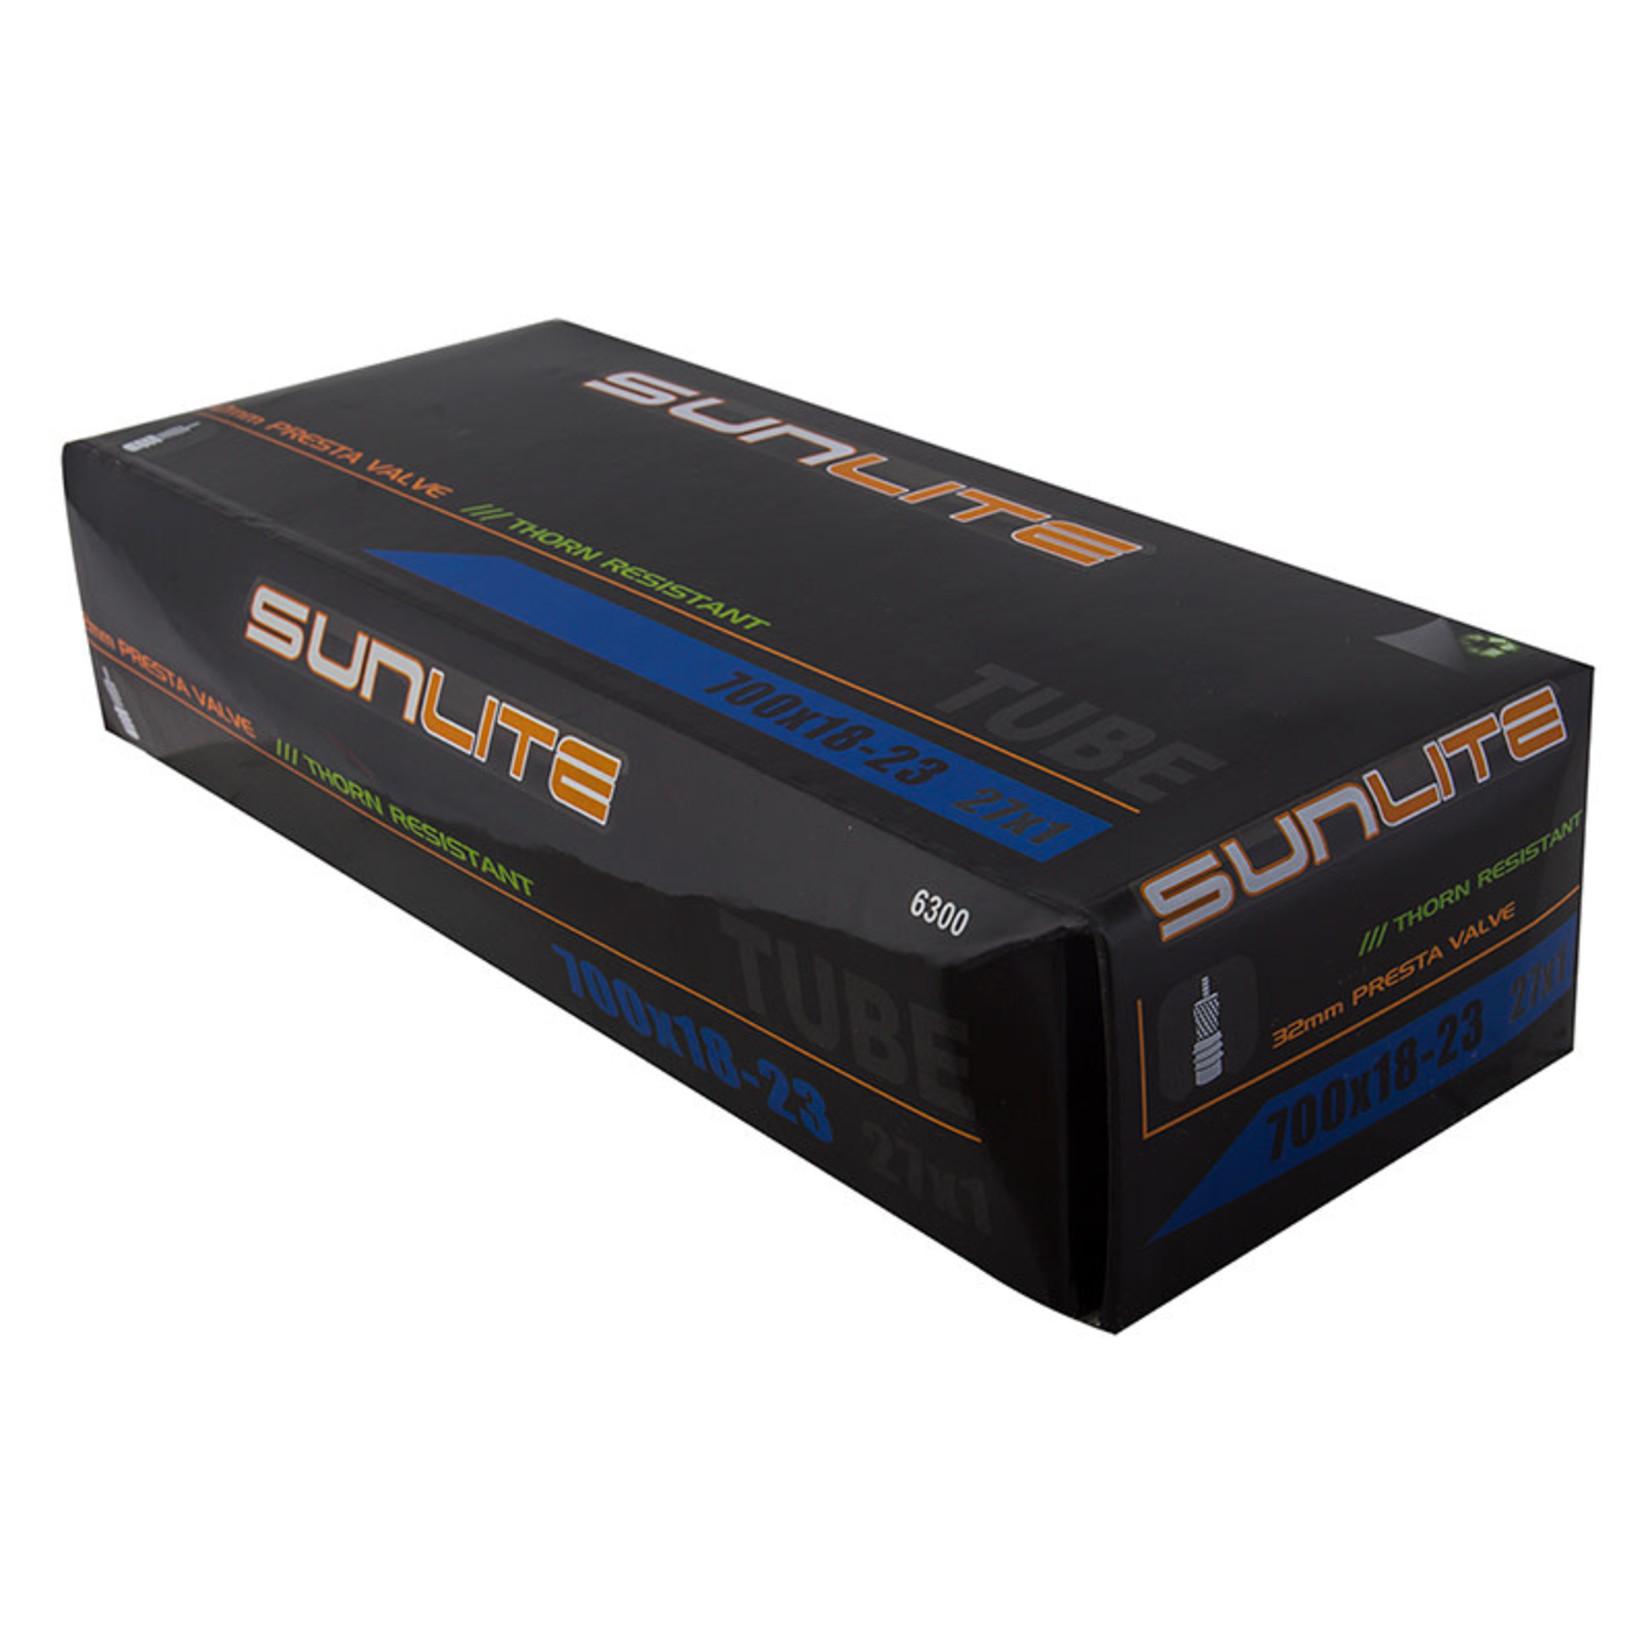 Sunlite Sunlite Tube THORN RES PV 32mm 700x18-23